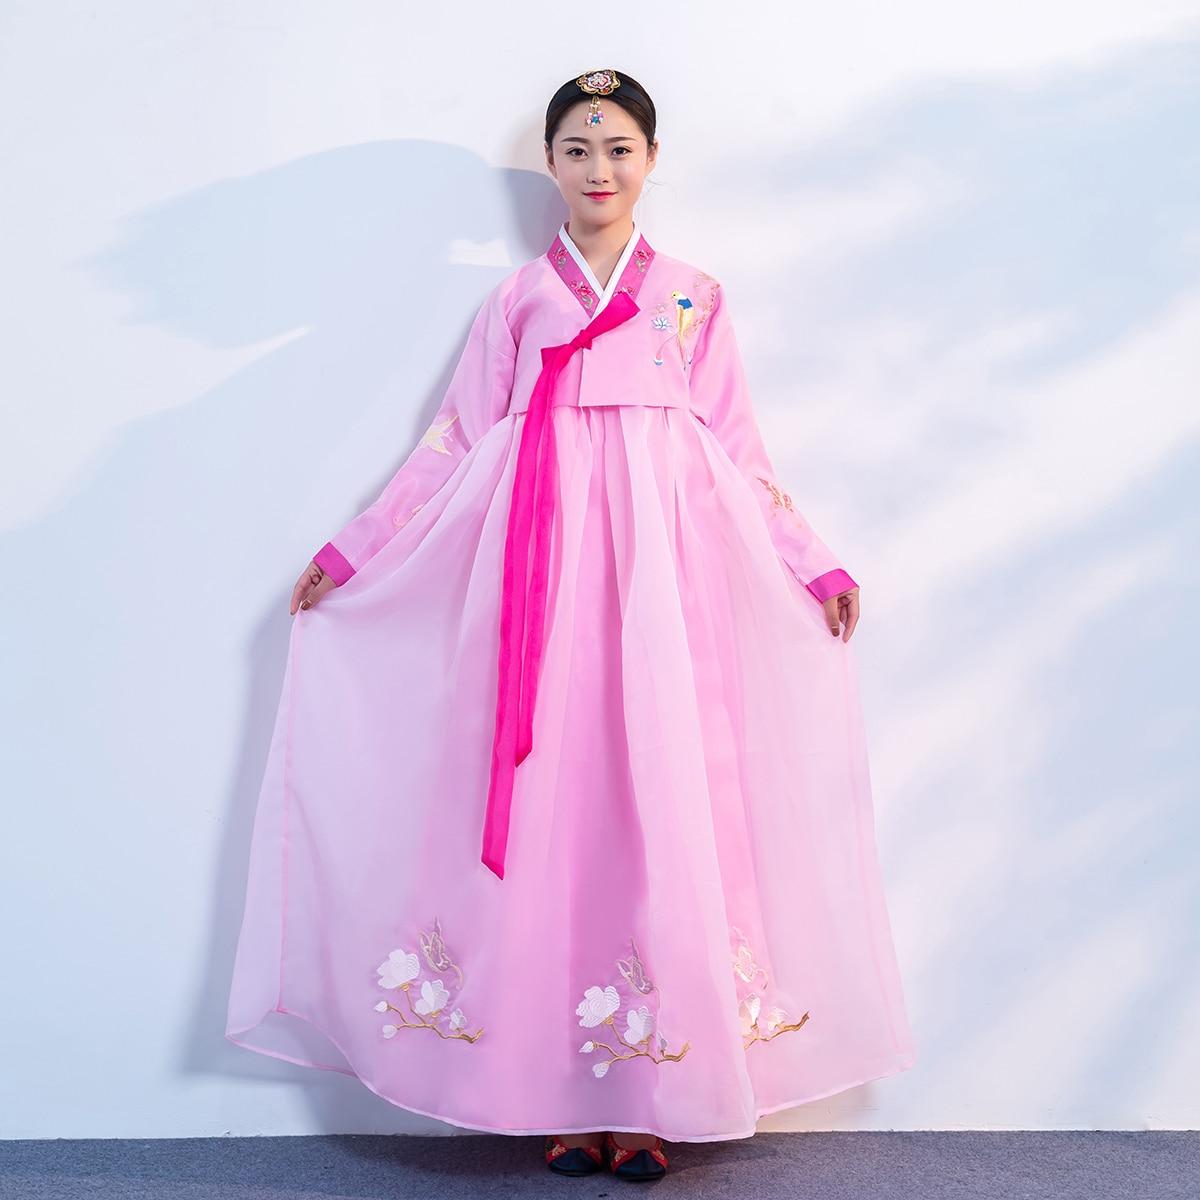 Famoso Asiático Vestido De Novia Embellecimiento - Colección de ...